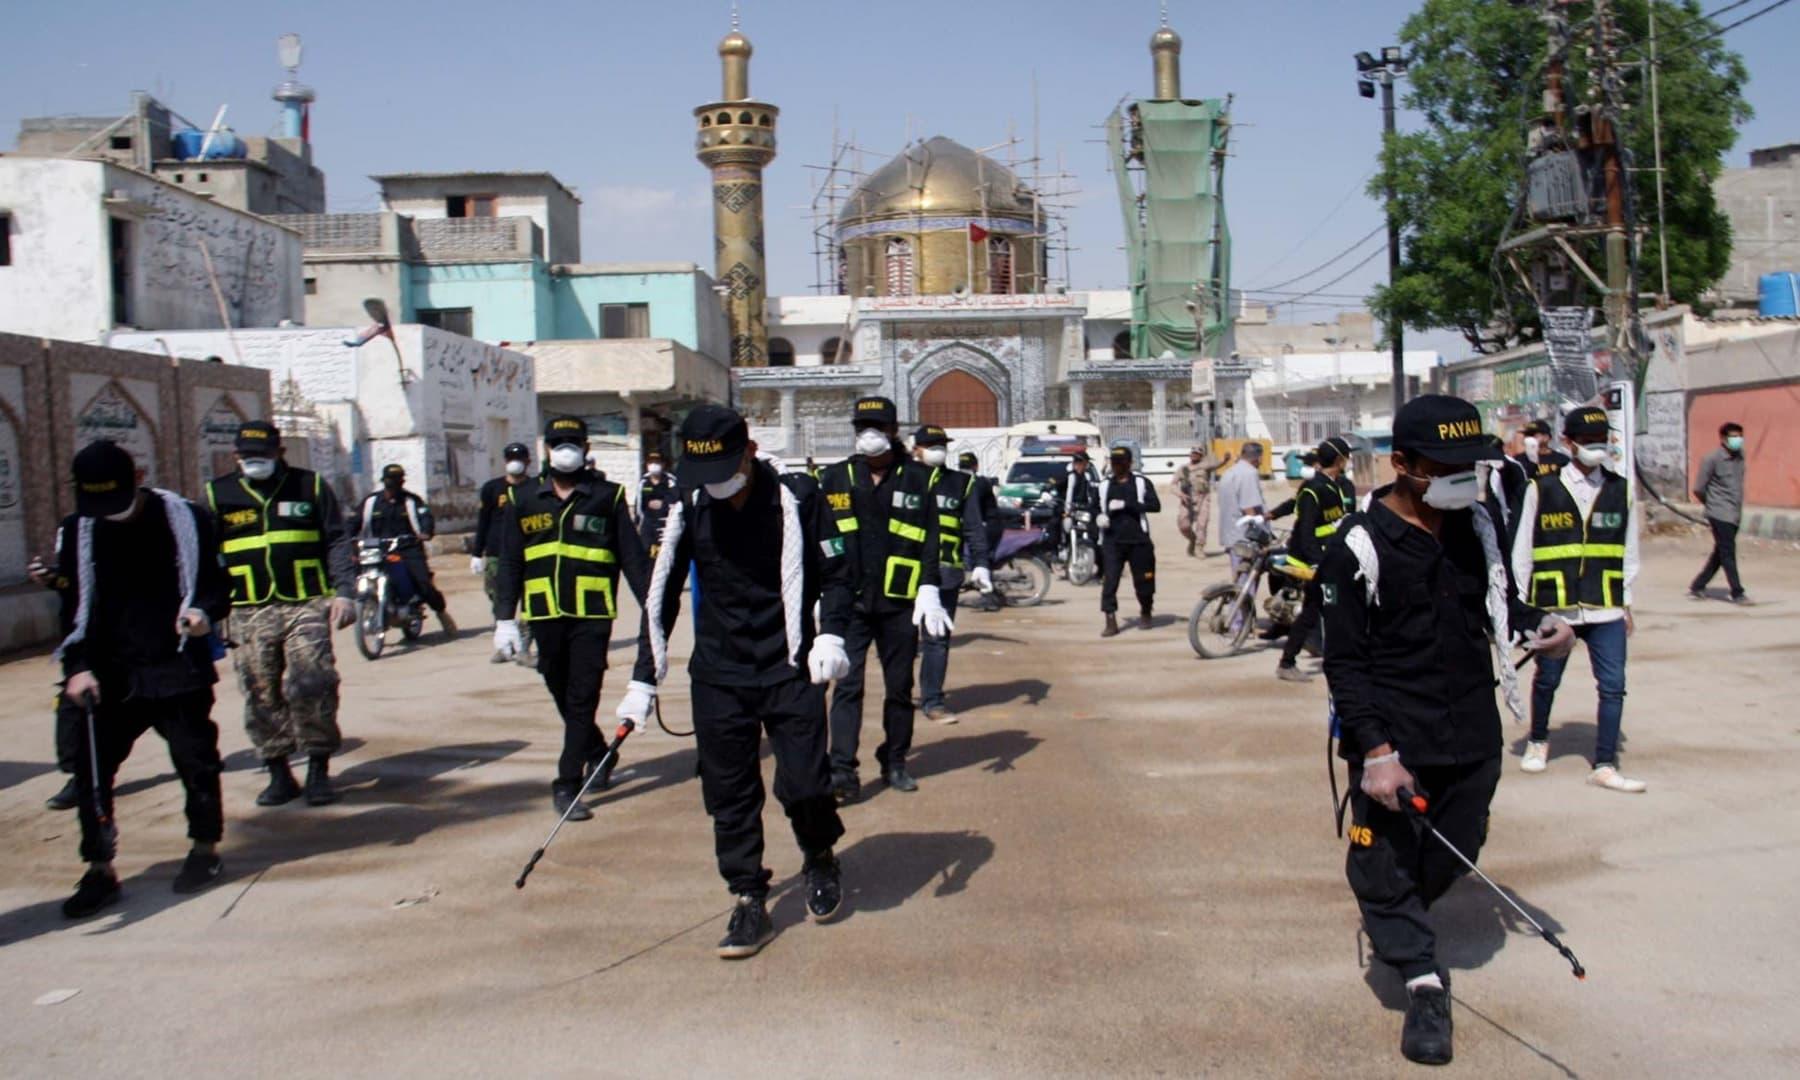 کراچی میں مقامی این جی او کے اراکین فیومگیشن کا کام کر رہے ہیں – فوٹو: اے پی پی